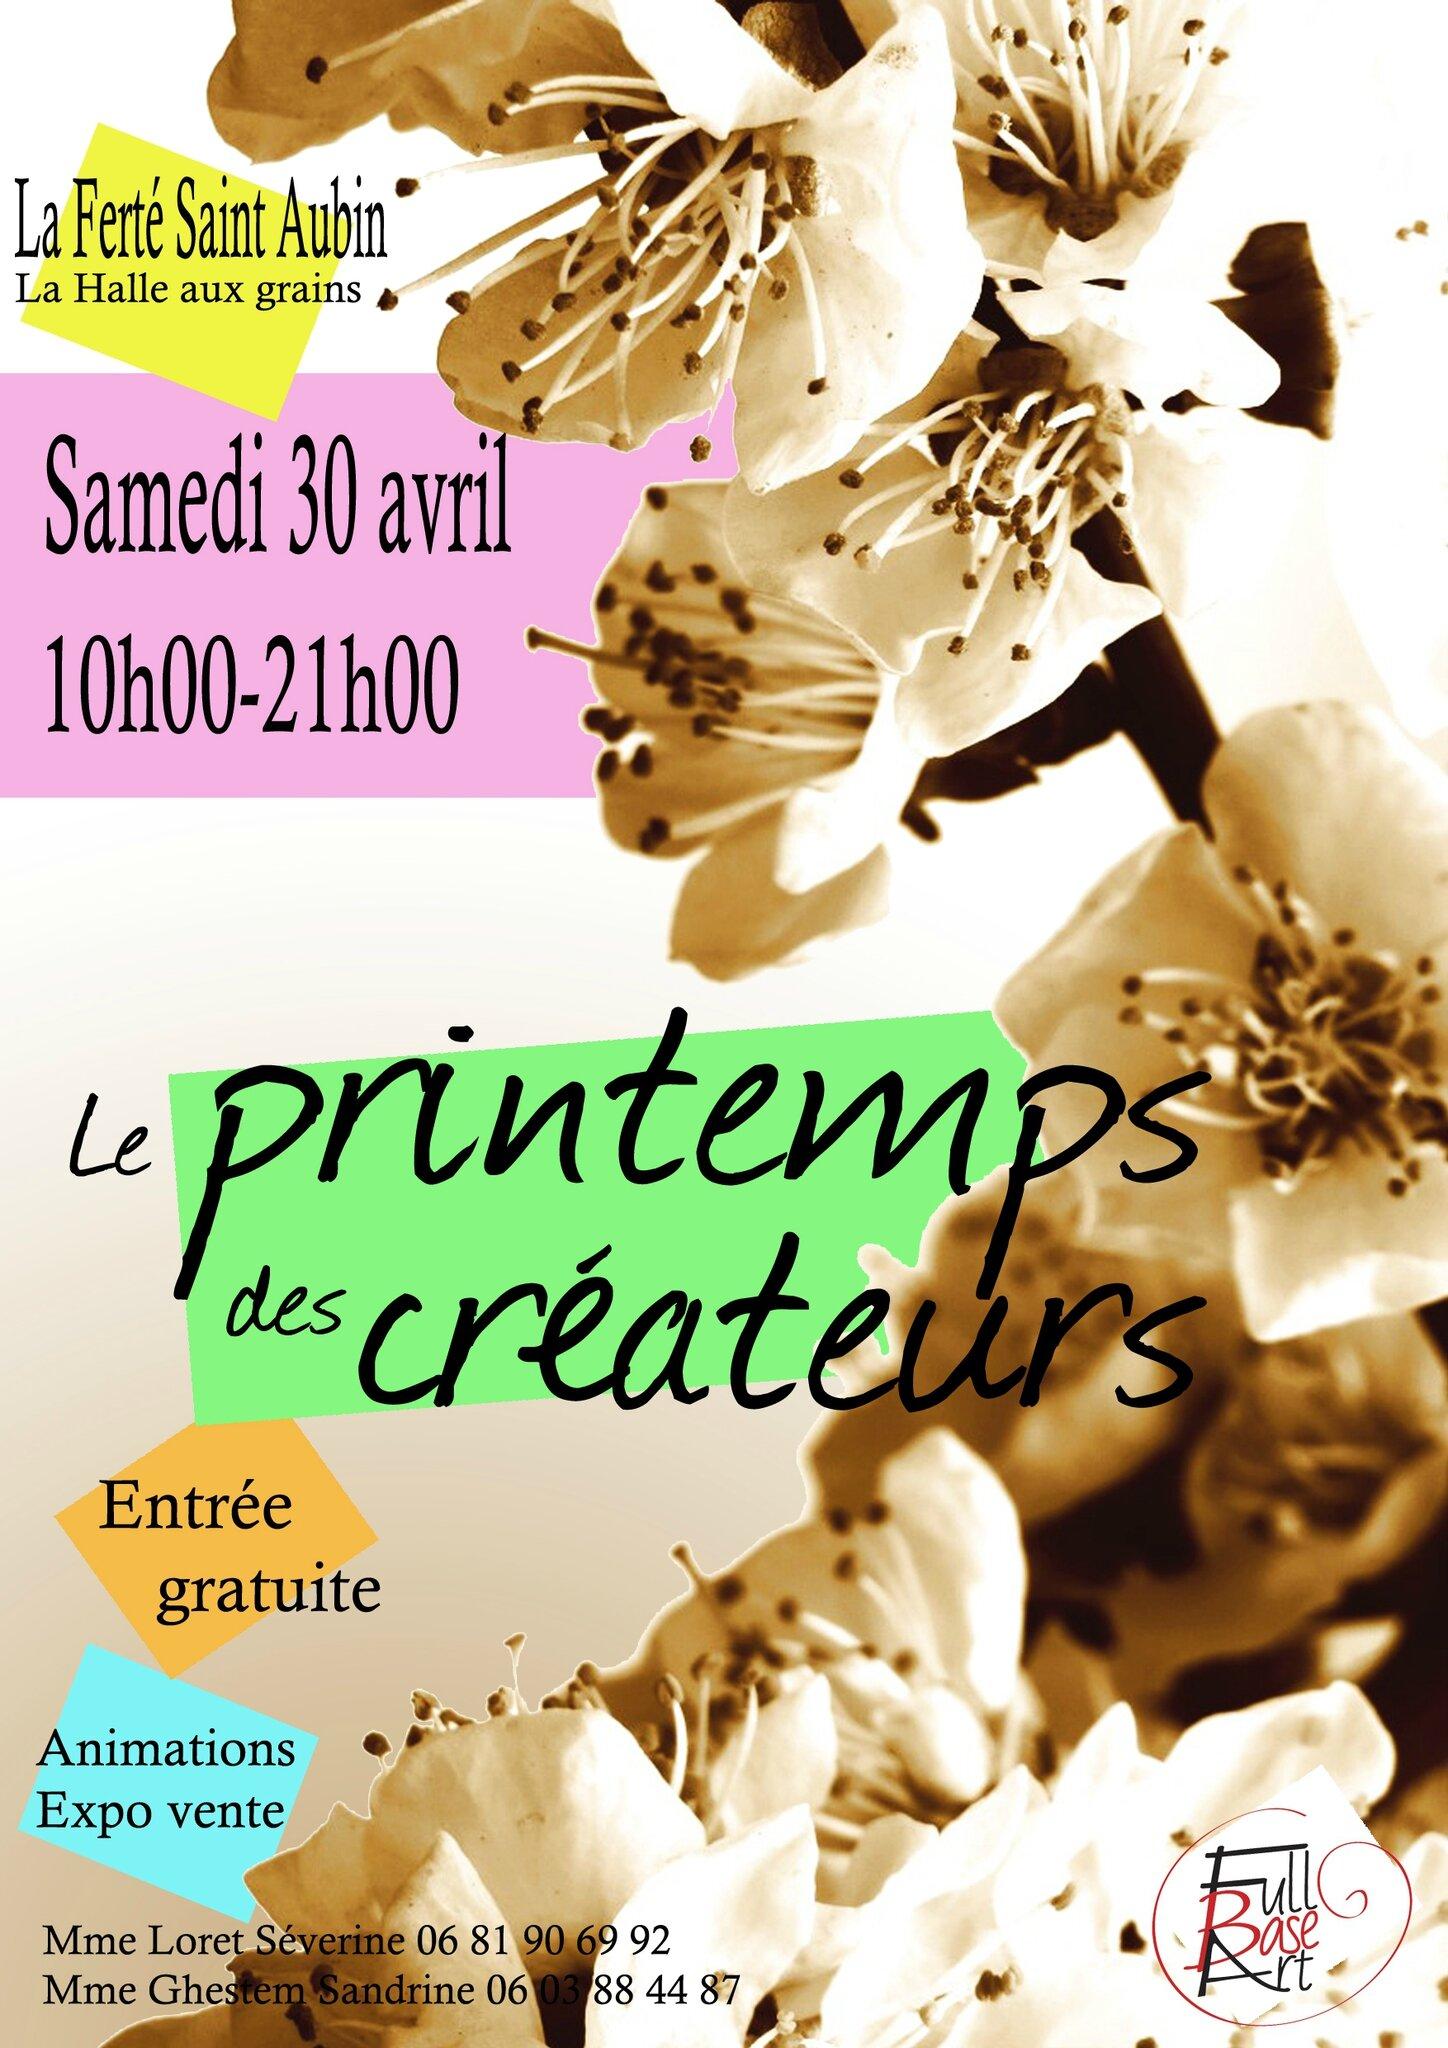 Brocante La Ferte St Aubin le 30 avril, le printemps des créateurs à la ferté st aubin